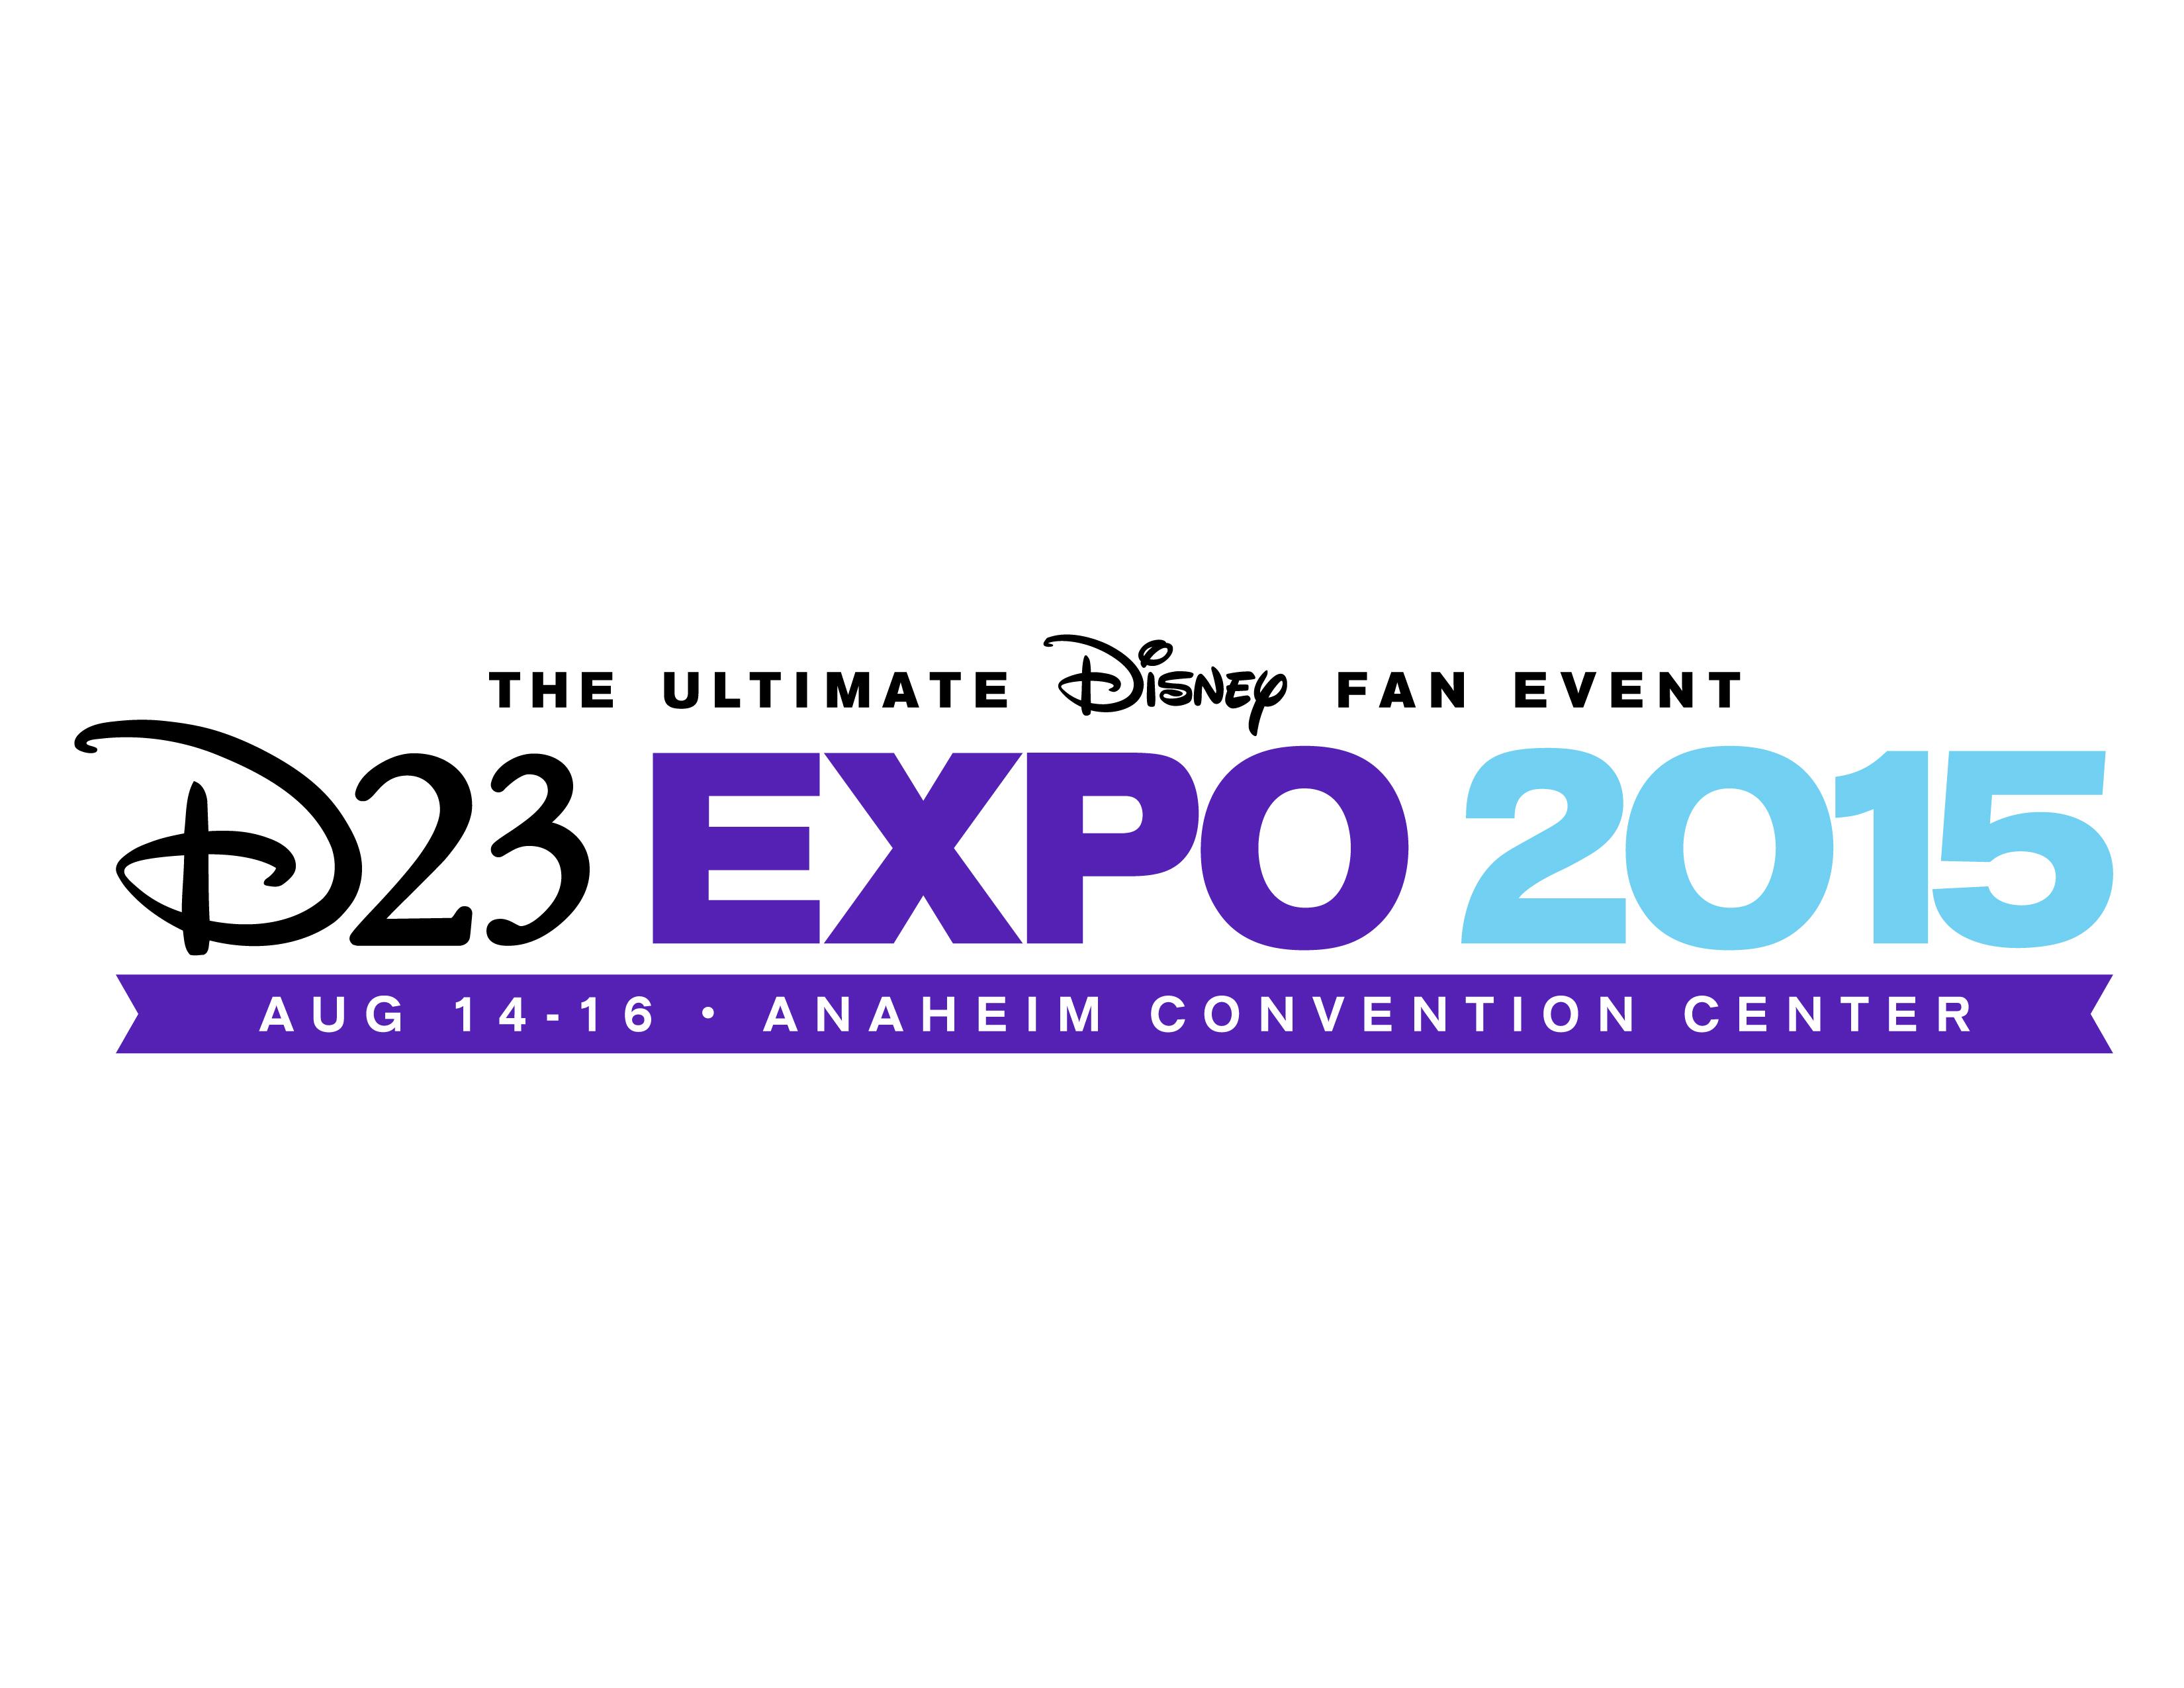 d23-expo-2015-logo-011